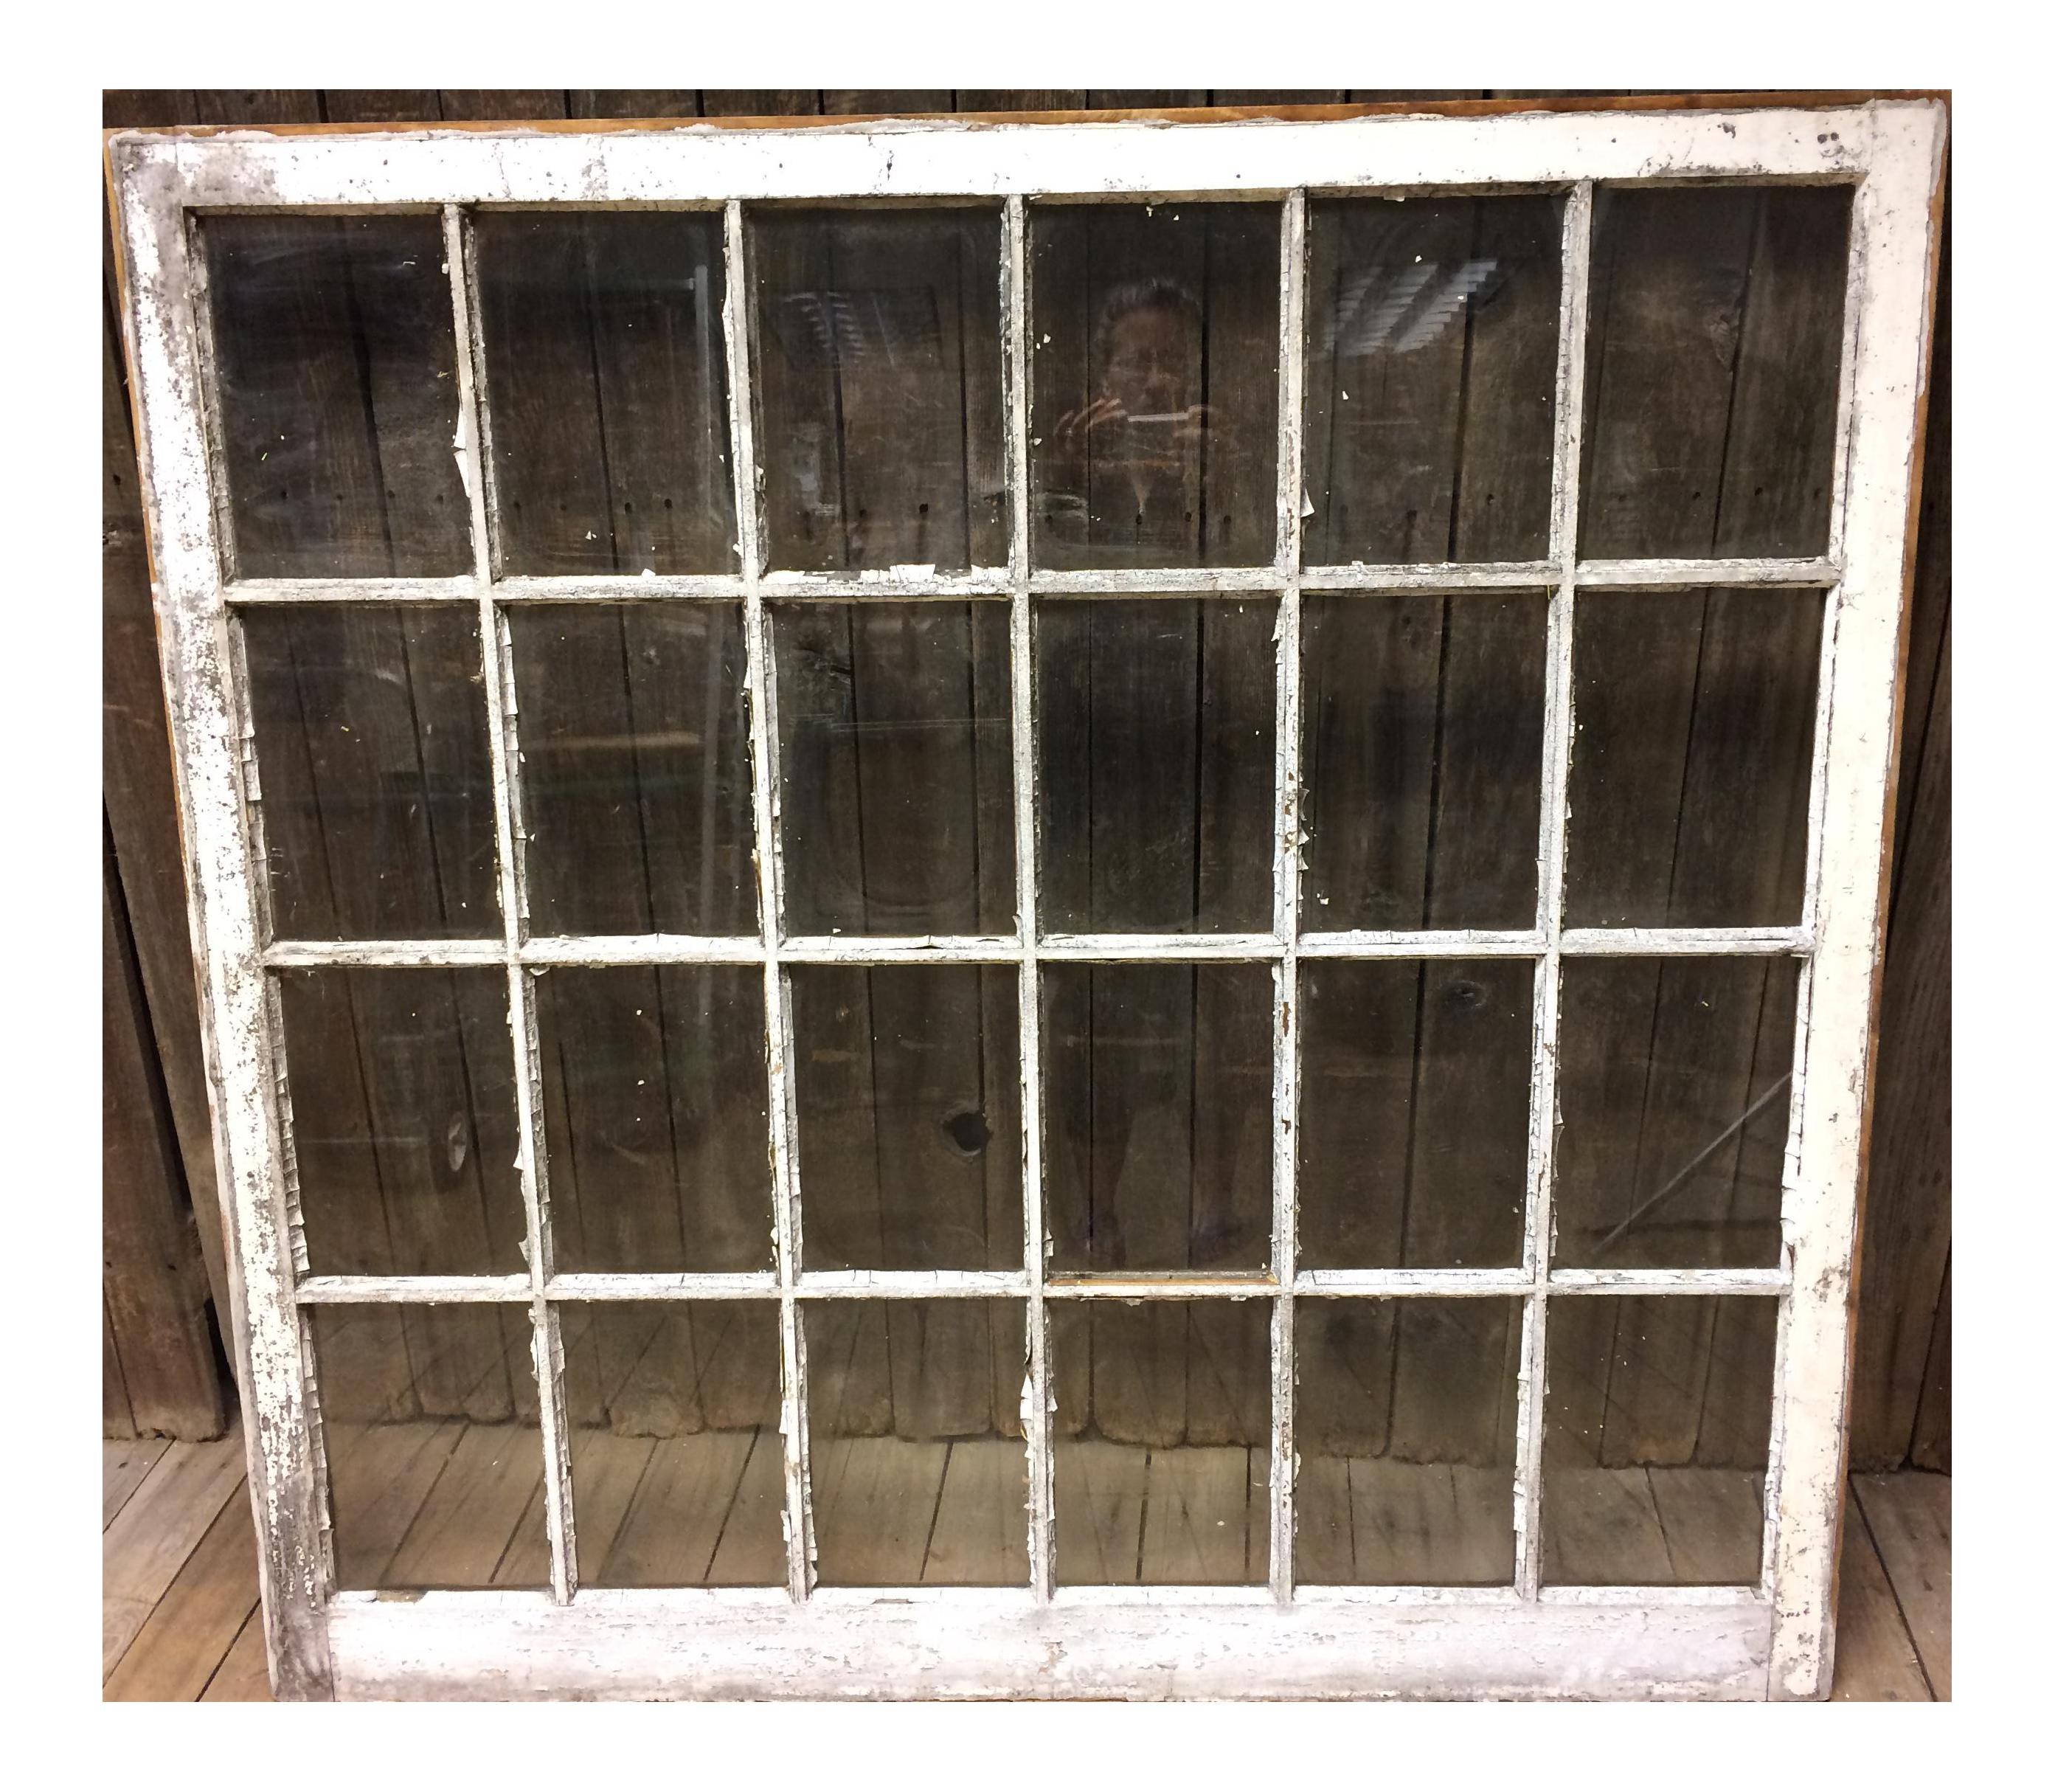 Vintage 24 Pane Wood Window